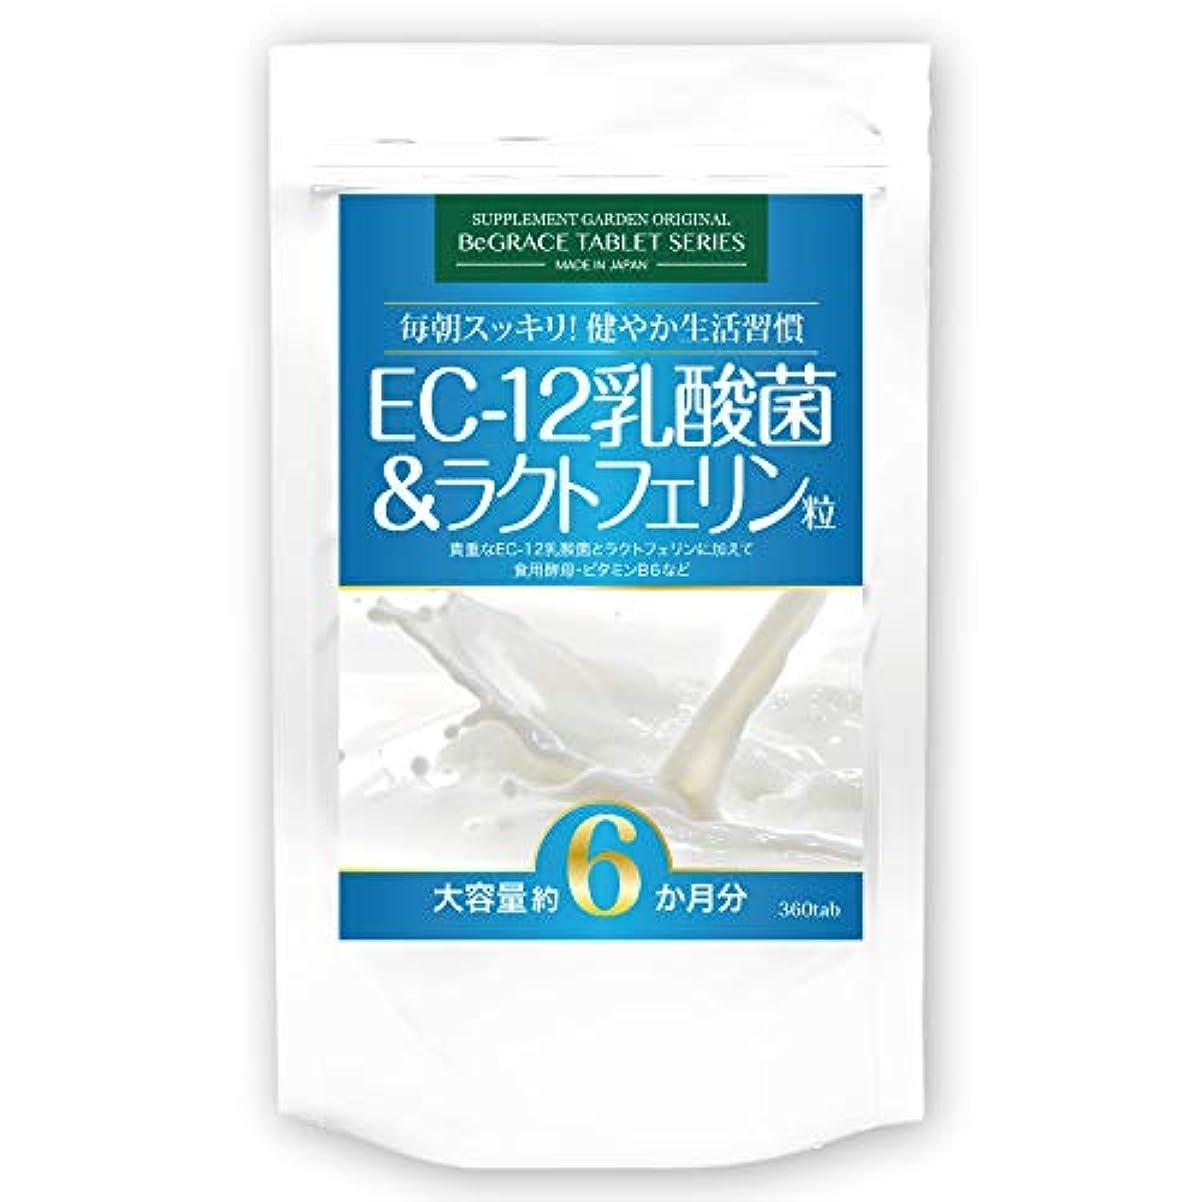 ラボマンモスゴミ箱EC-12乳酸菌&ラクトフェリン粒 大容量約6ヶ月分/360粒(EC-12乳酸菌、ラクトフェリン、ビール酵母、ホエイプロテイン、ビタミンB6)